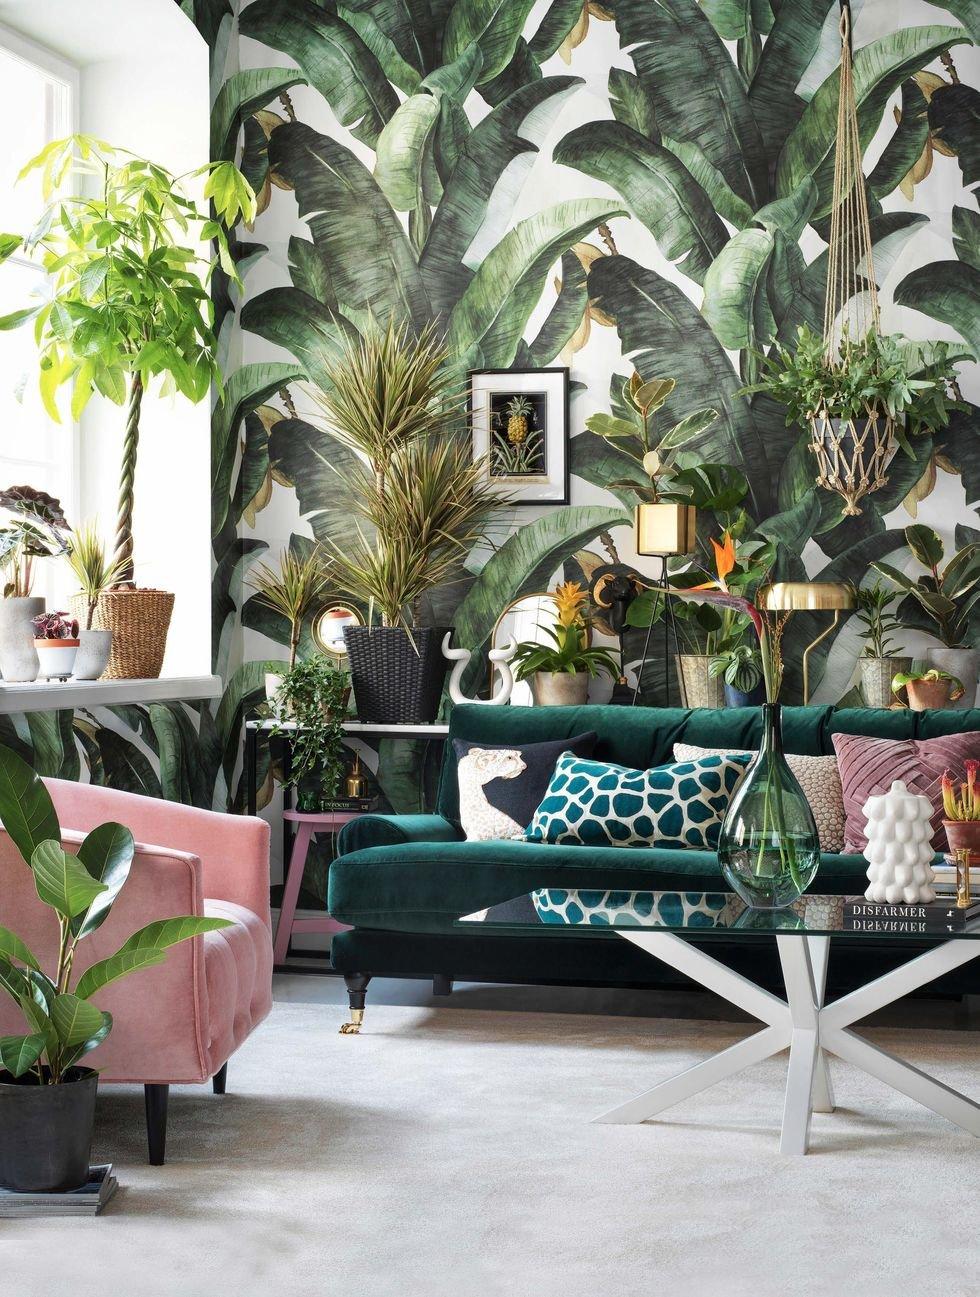 Salon nature exotique vert rose blanc marron beige doré bois papier peint textile velours verre moquette miroir